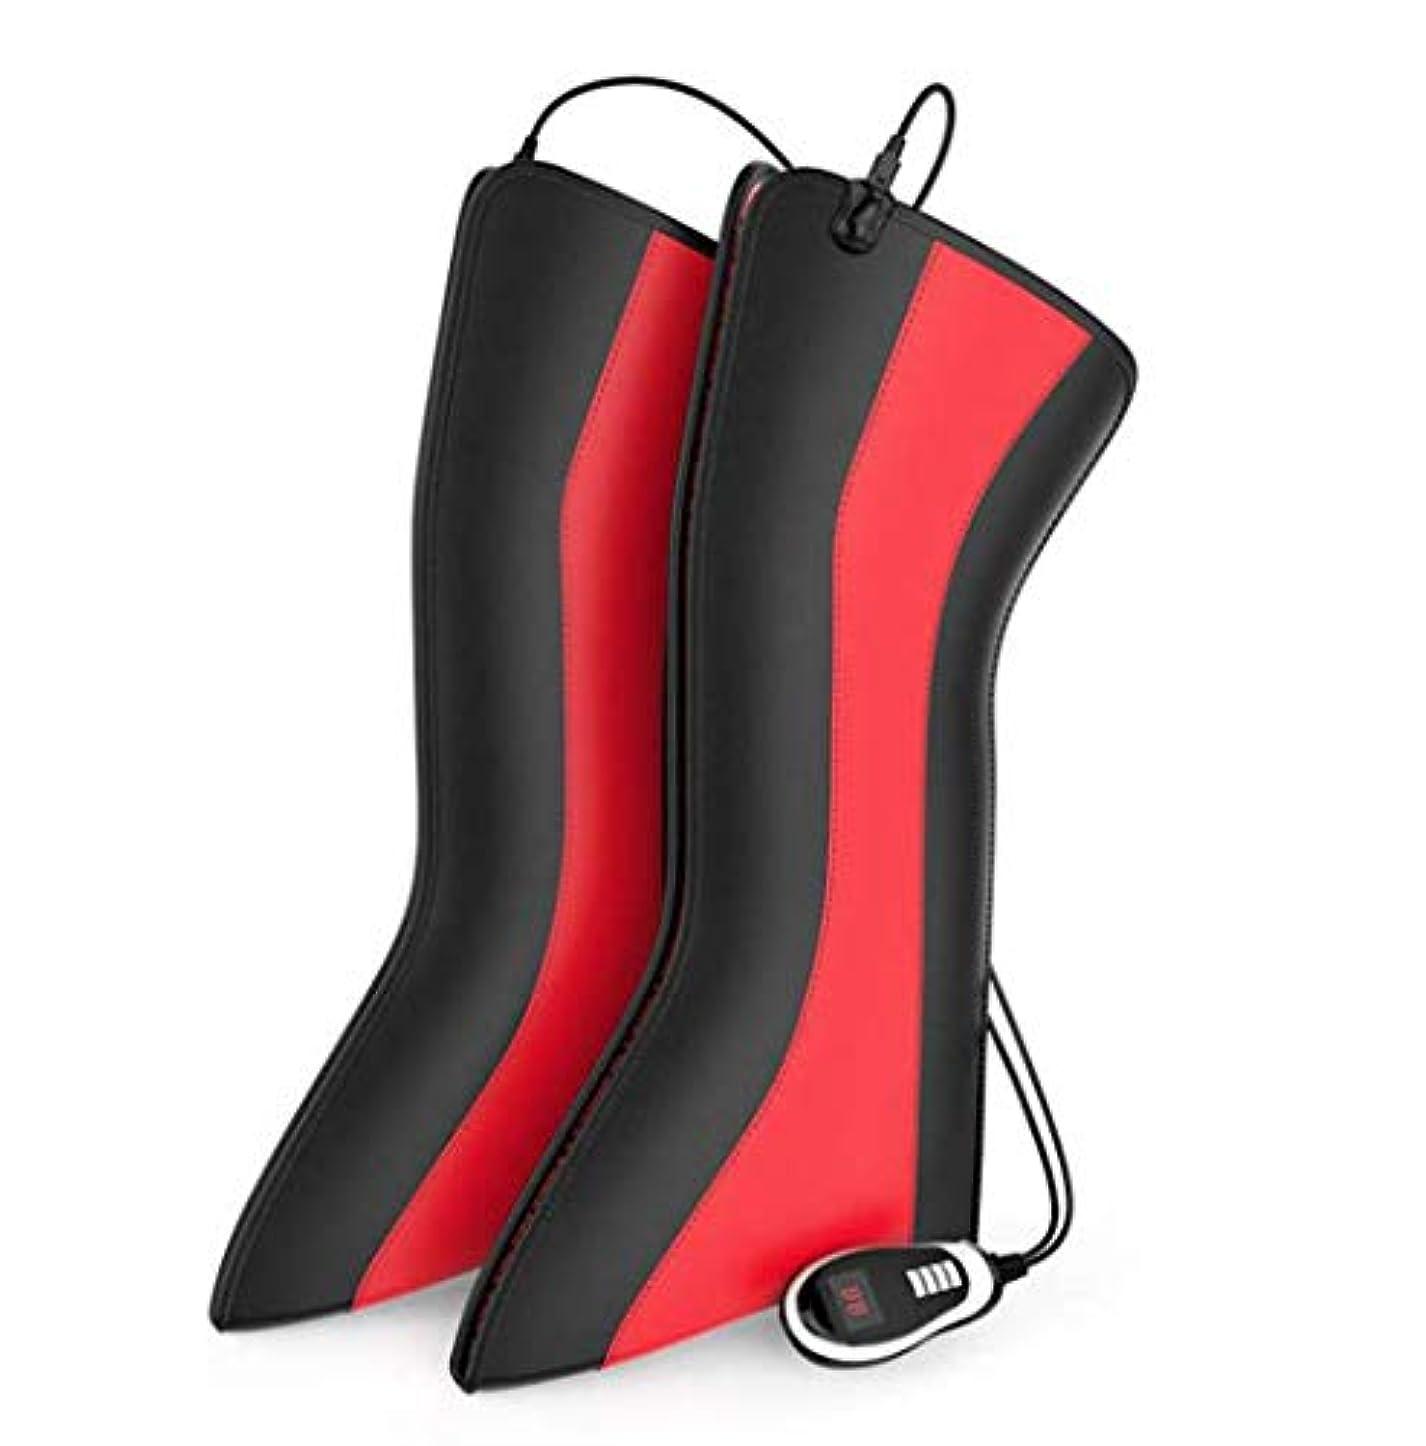 リードワーカー覚えている加熱された膝装具ラップサポート、両親のための温度調節可能な電気加熱膝パッド高齢者の贈り物